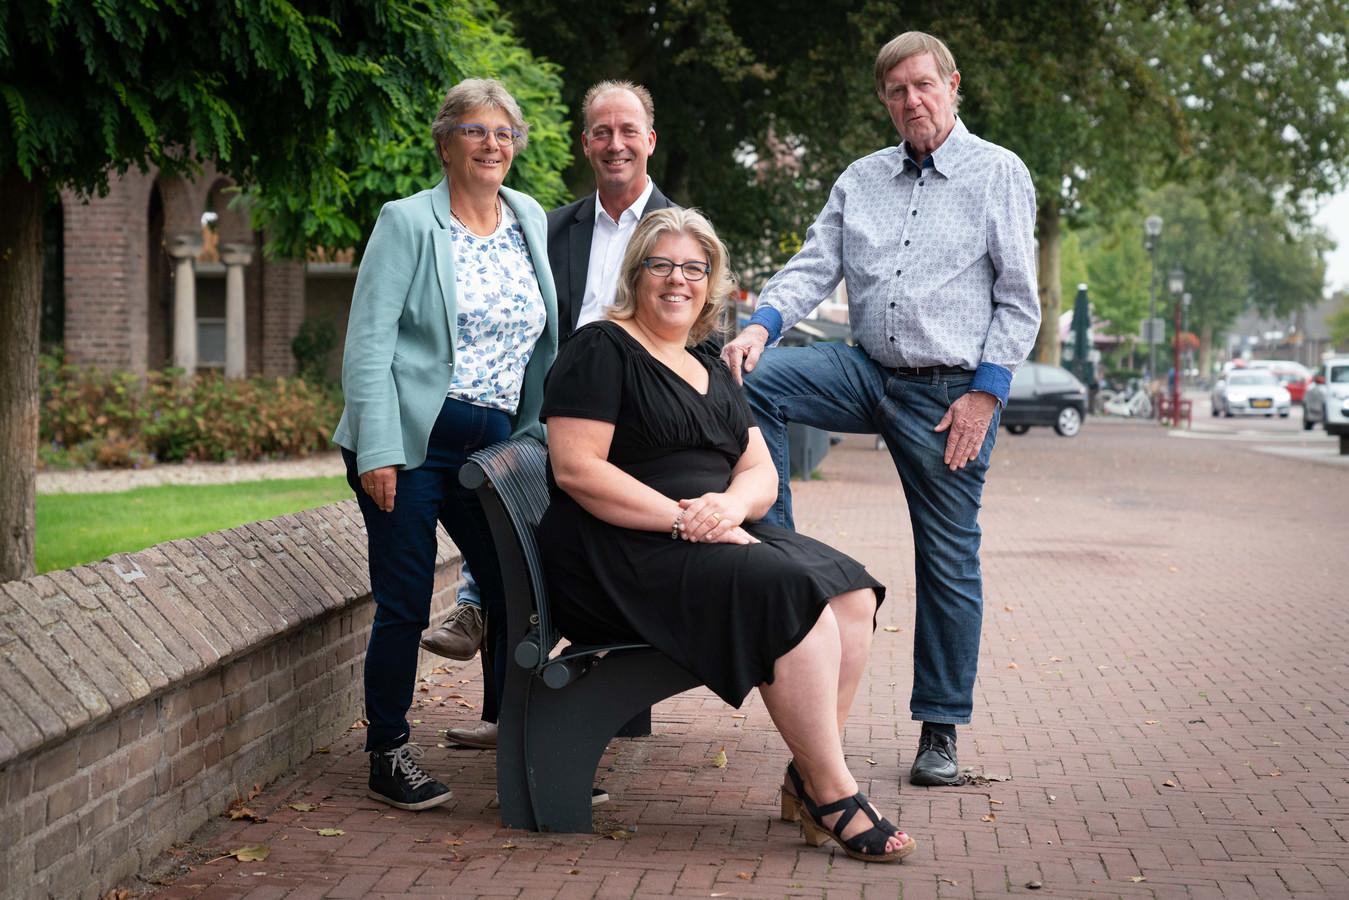 Mieke van Stuyvenberg, Bert Selman, Gabrielle Langhout en Jan Werkman (vlnr) in Elst. Het kwartet is sinds de oprichting van Buurtbemiddeling Lingewaard en Overbetuwe, voor de organisatie actief.